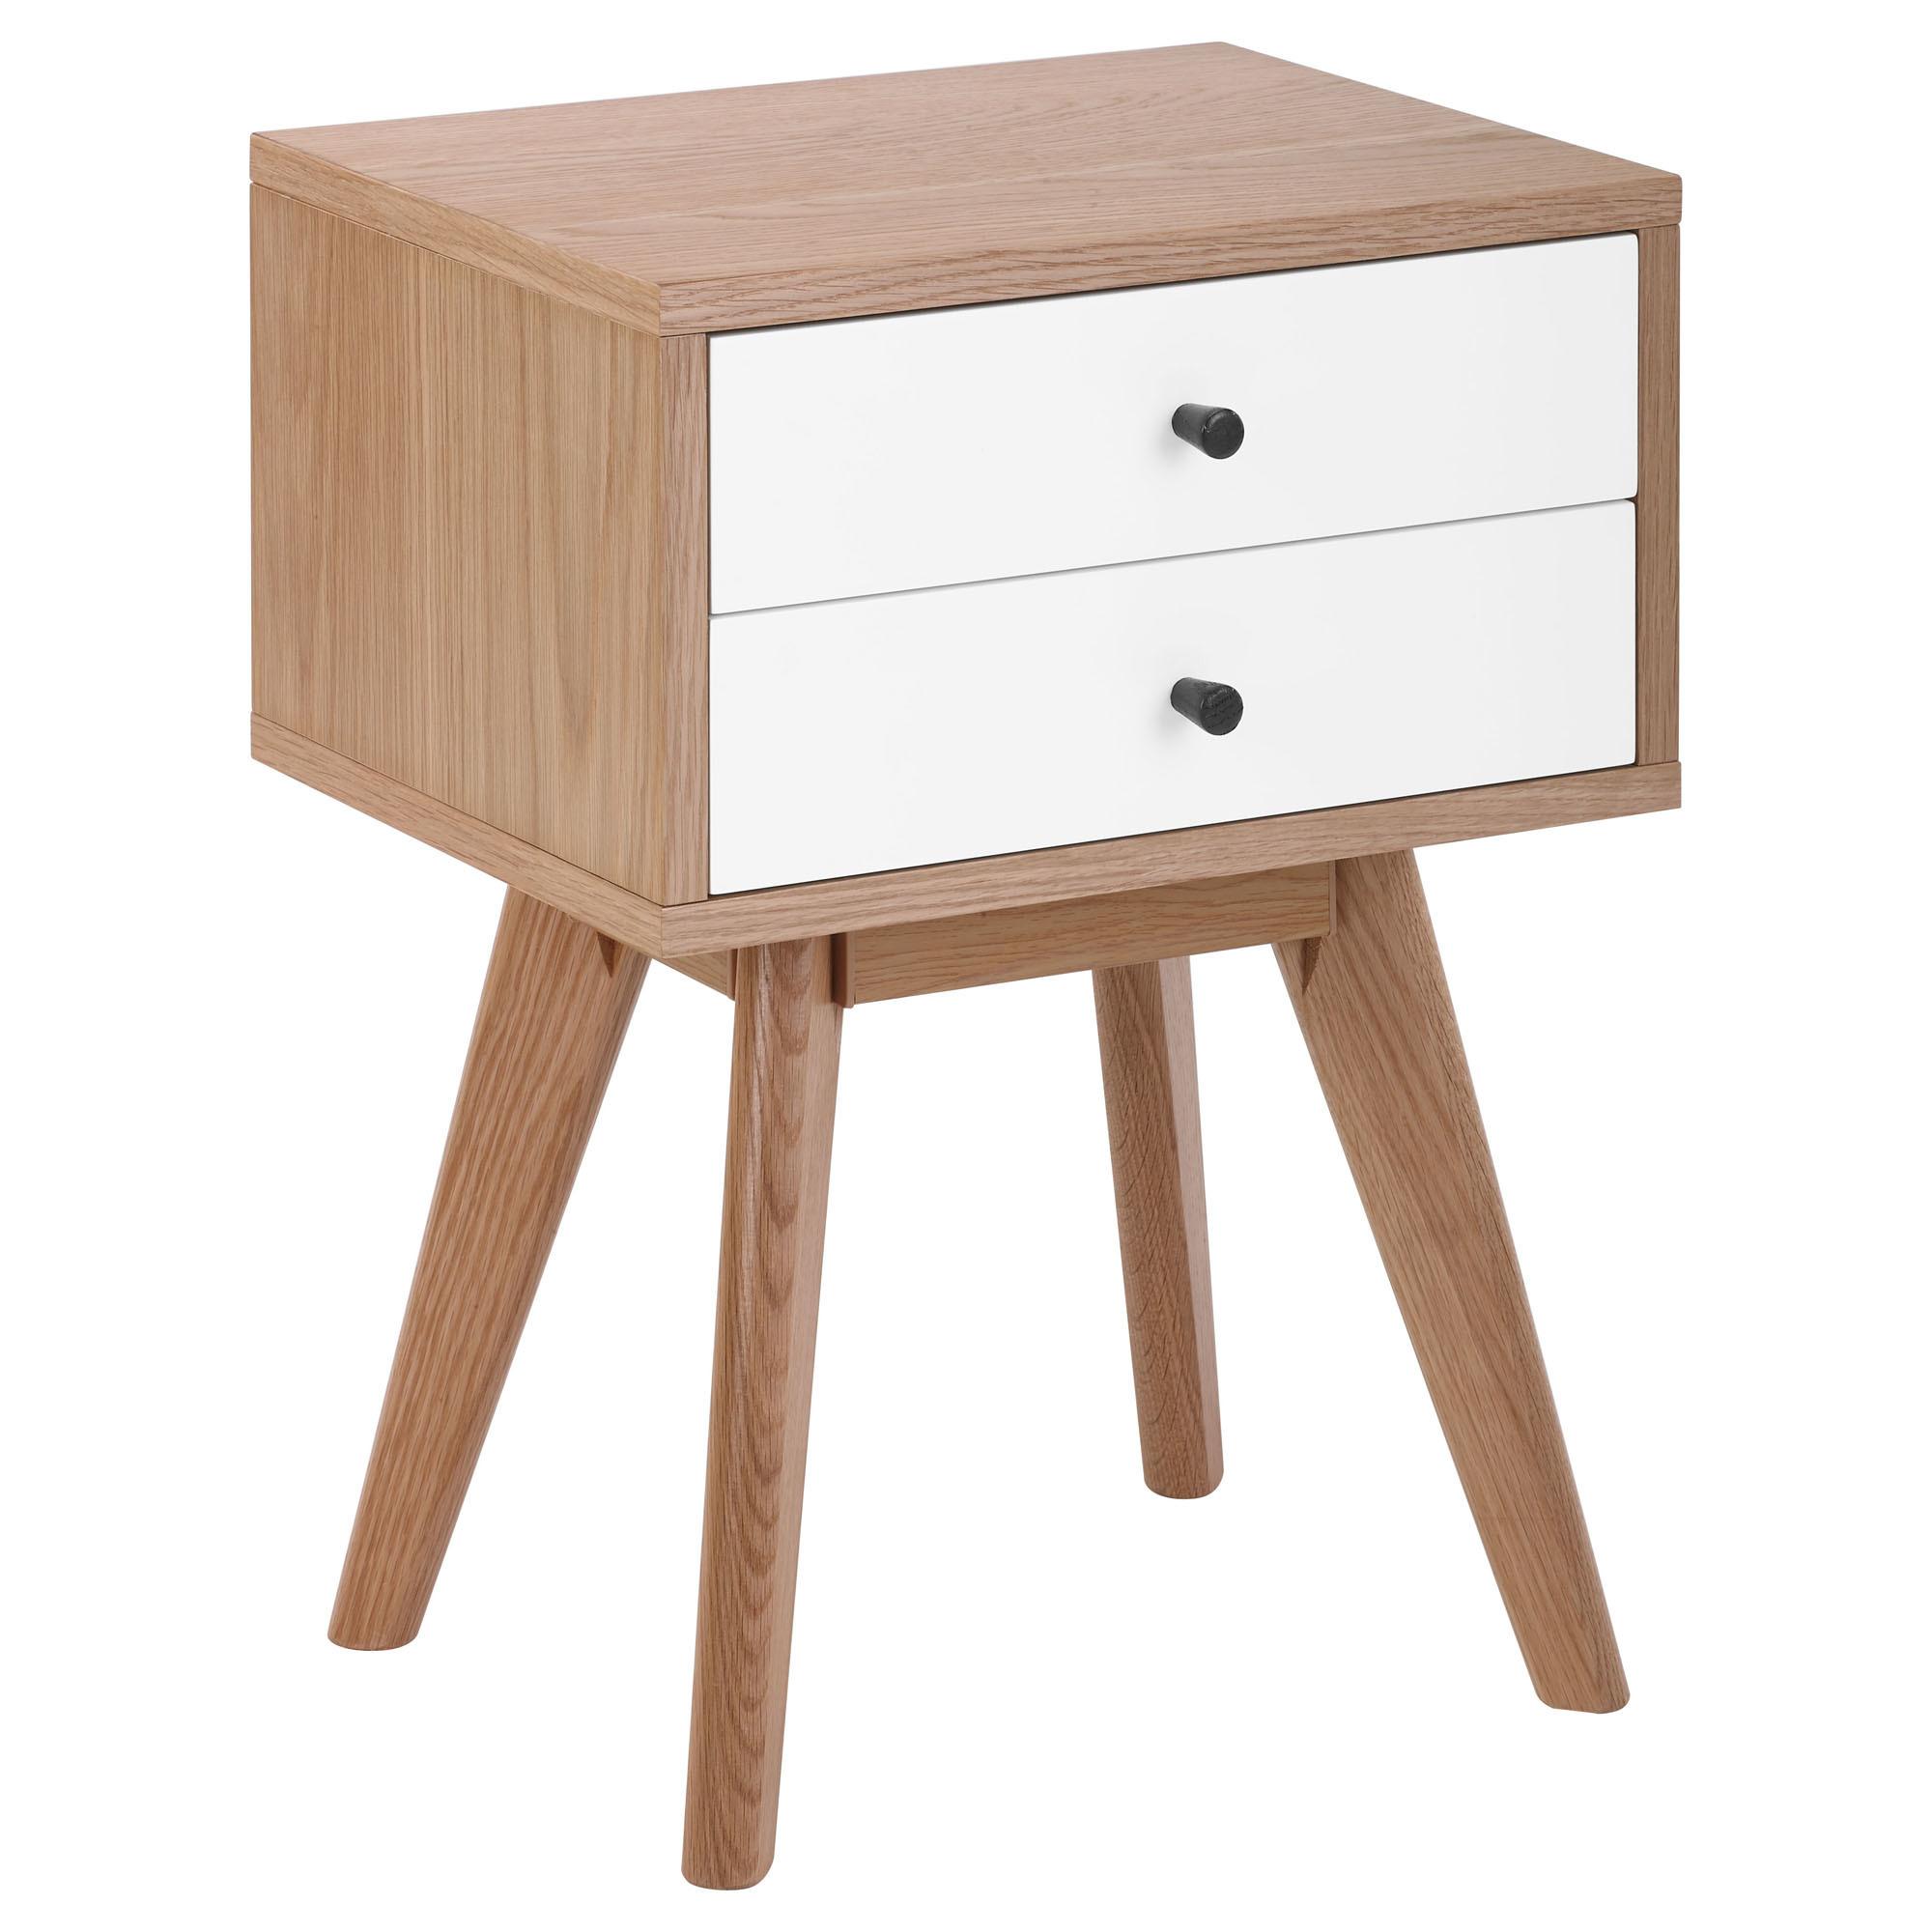 low priced fde22 4ecec Torsby Spritz Scandinavian 2 Drawer Bedside Table